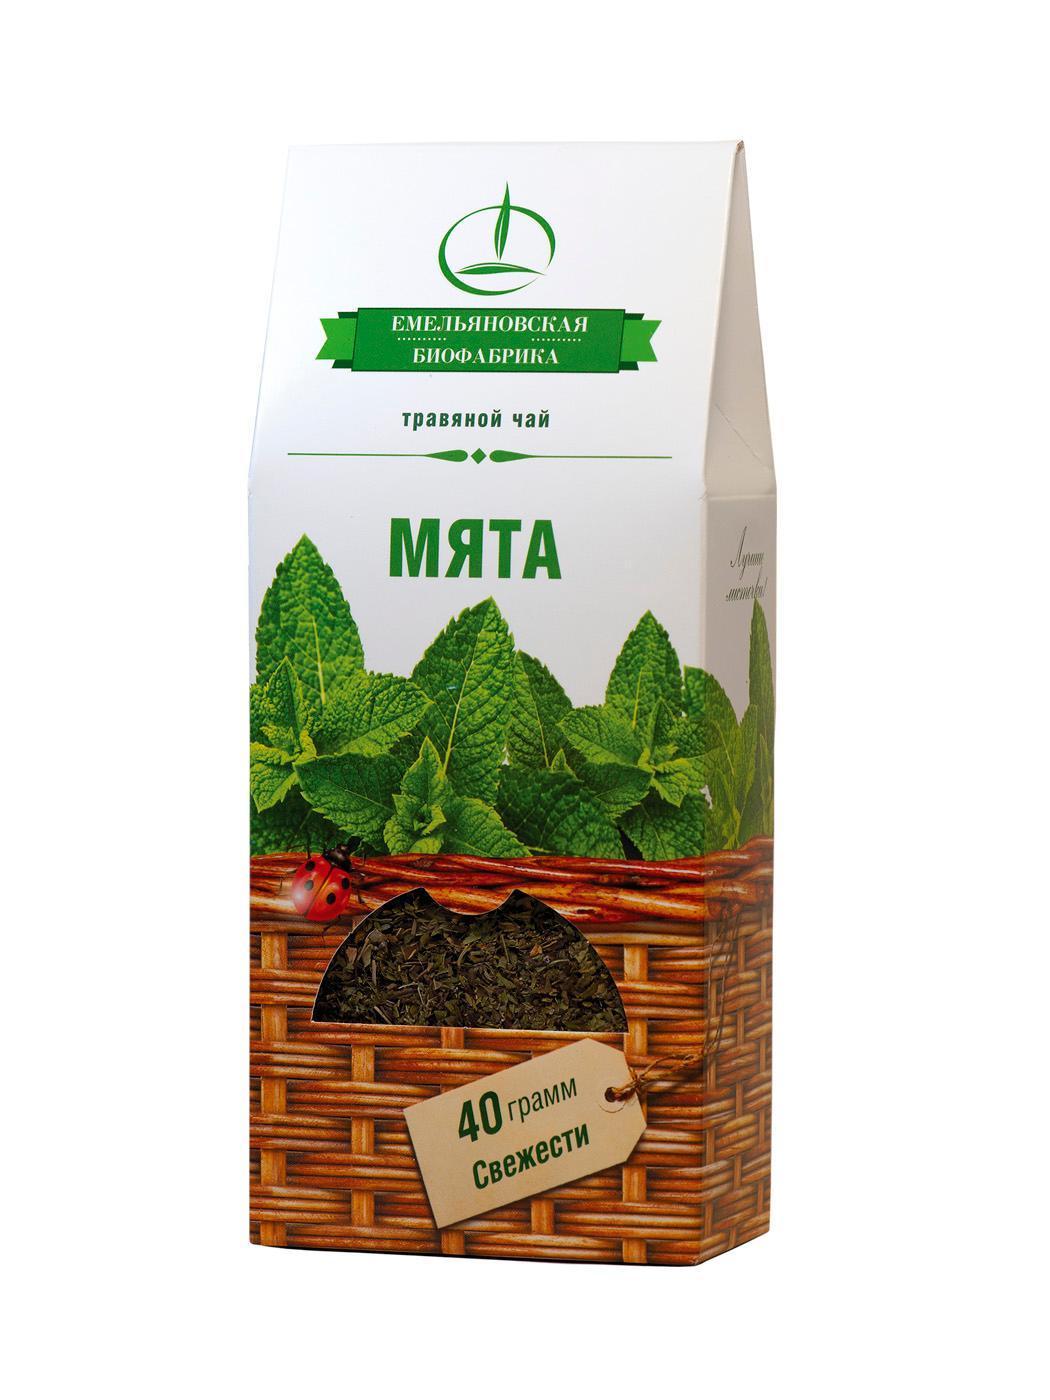 Чай Емельяновская Биофабрика Травяной Мята